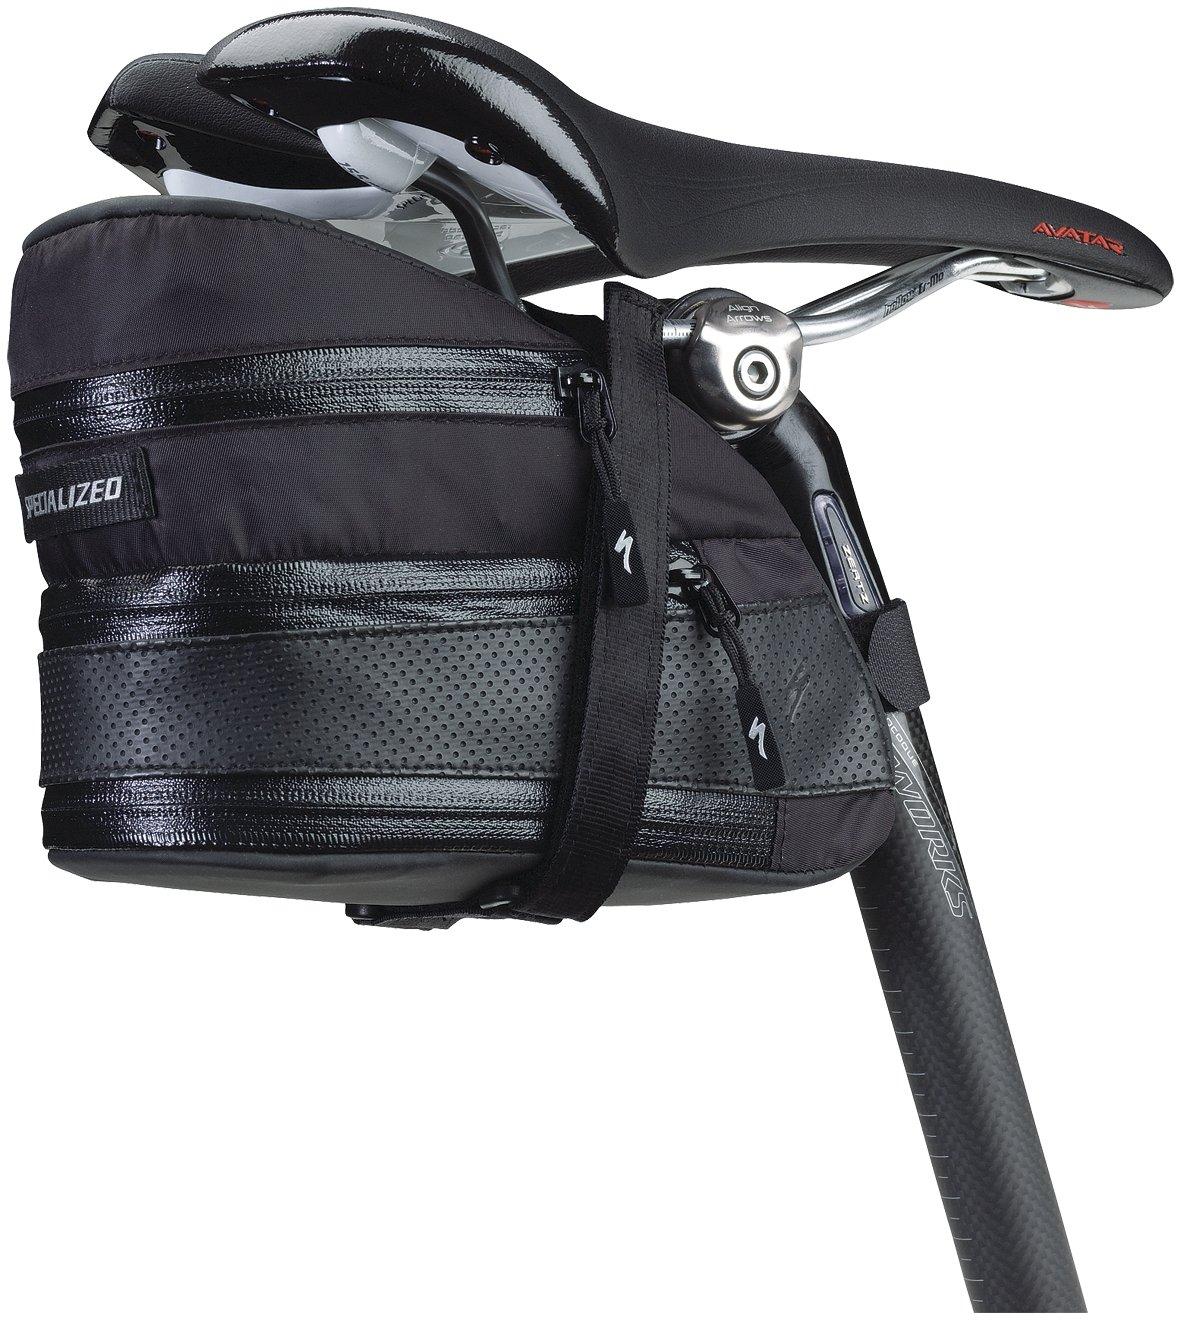 SPECIALIZED - Bolsa para sillín de bicicletas, color negro: Amazon.es: Deportes y aire libre